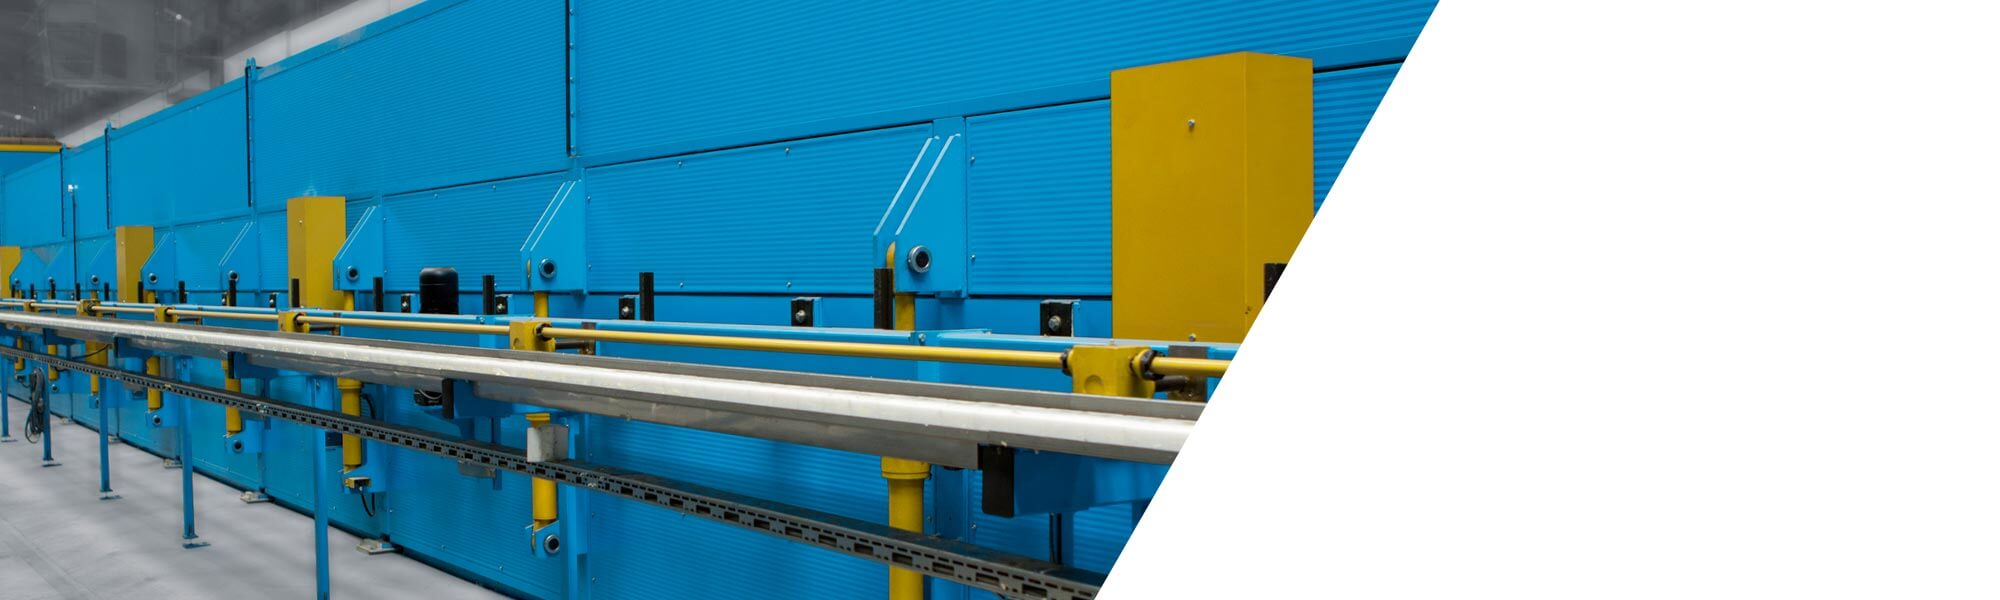 샌드위치 구조의 부품과 절연판 제작을 위한 포괄적인 샌드위치 패널 생산 시스템